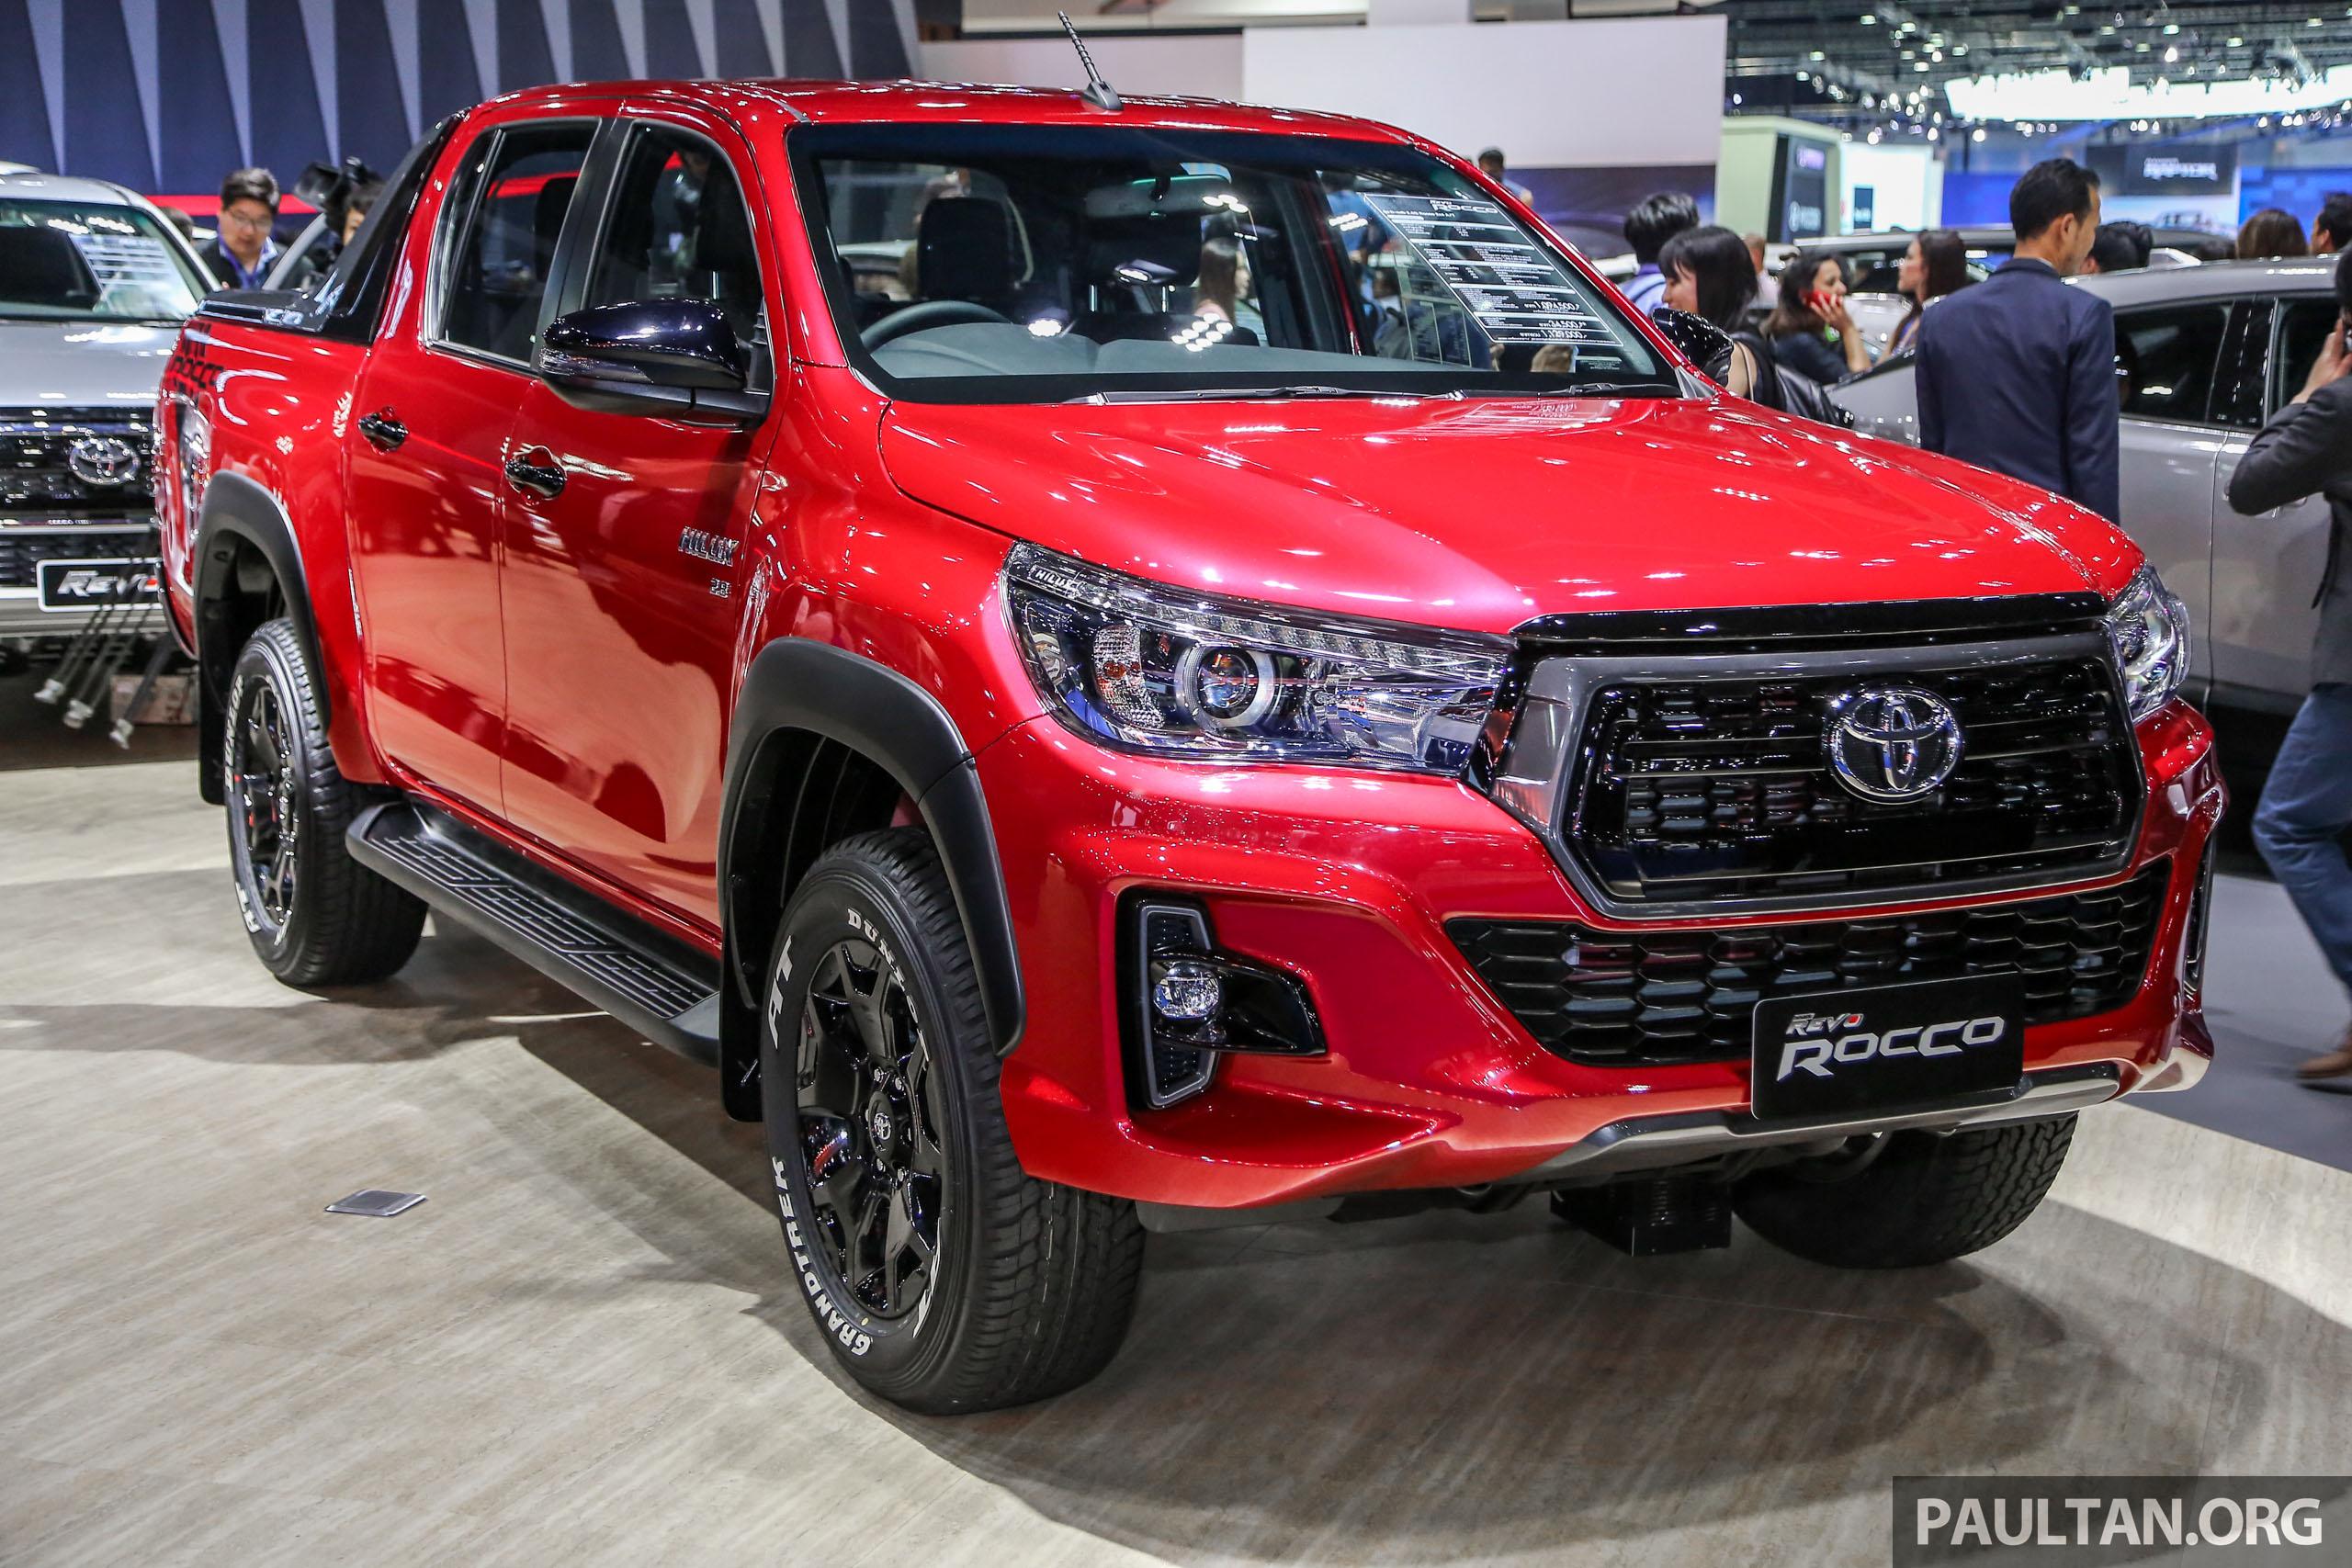 2018 曼谷车展:toyota Hilux Revo Rocco,顶配版皮卡 Bims2018 Toyota